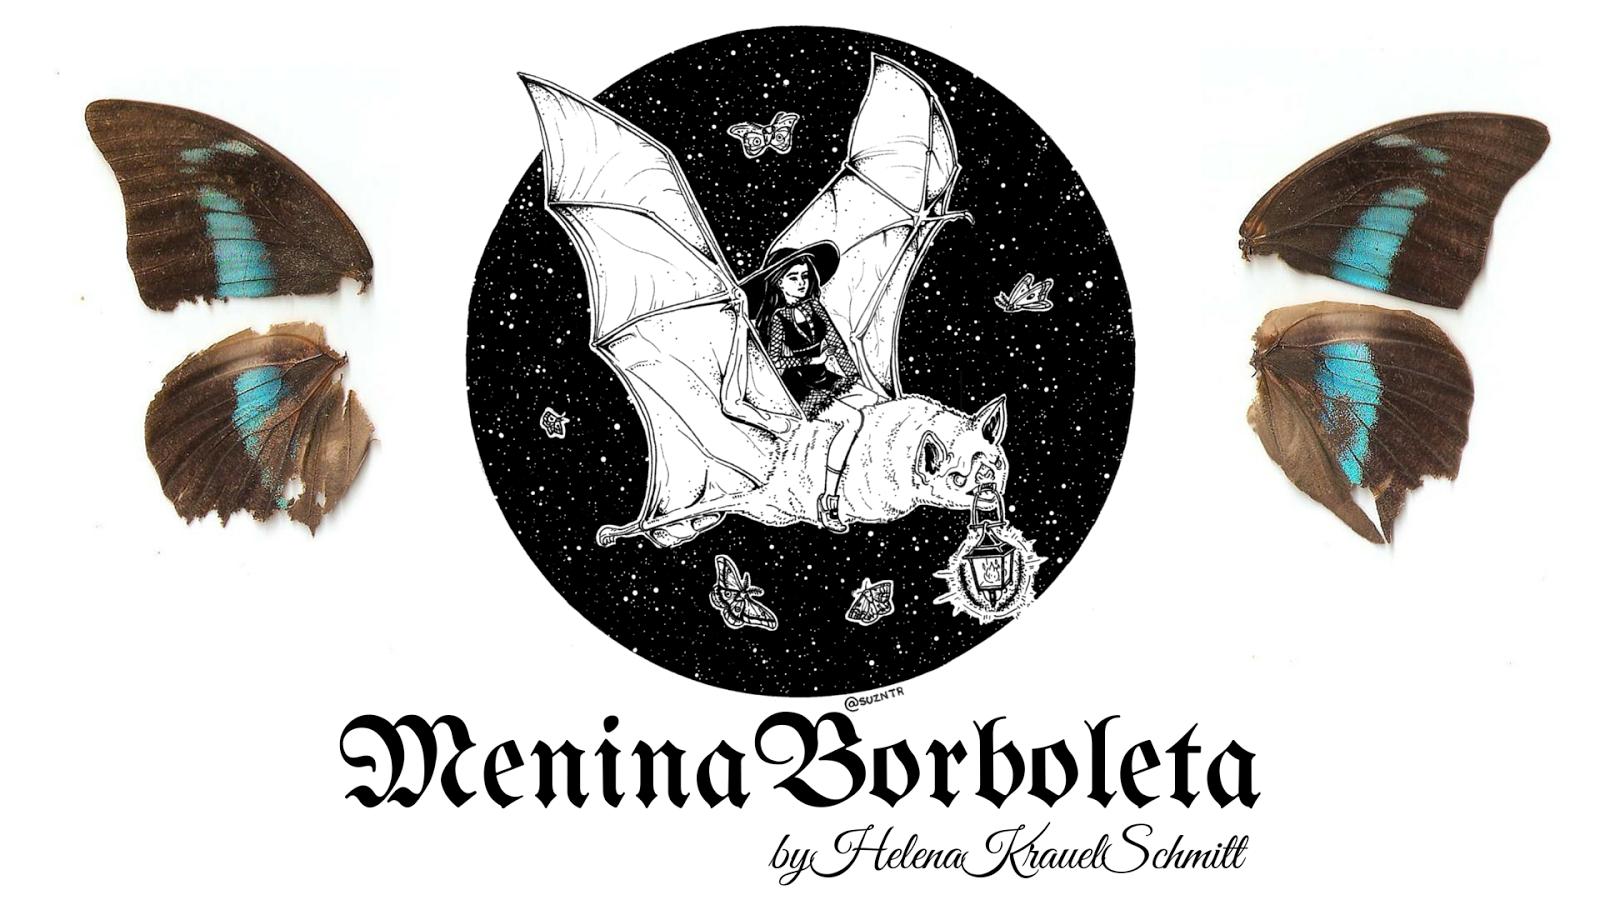 Menina Borboleta